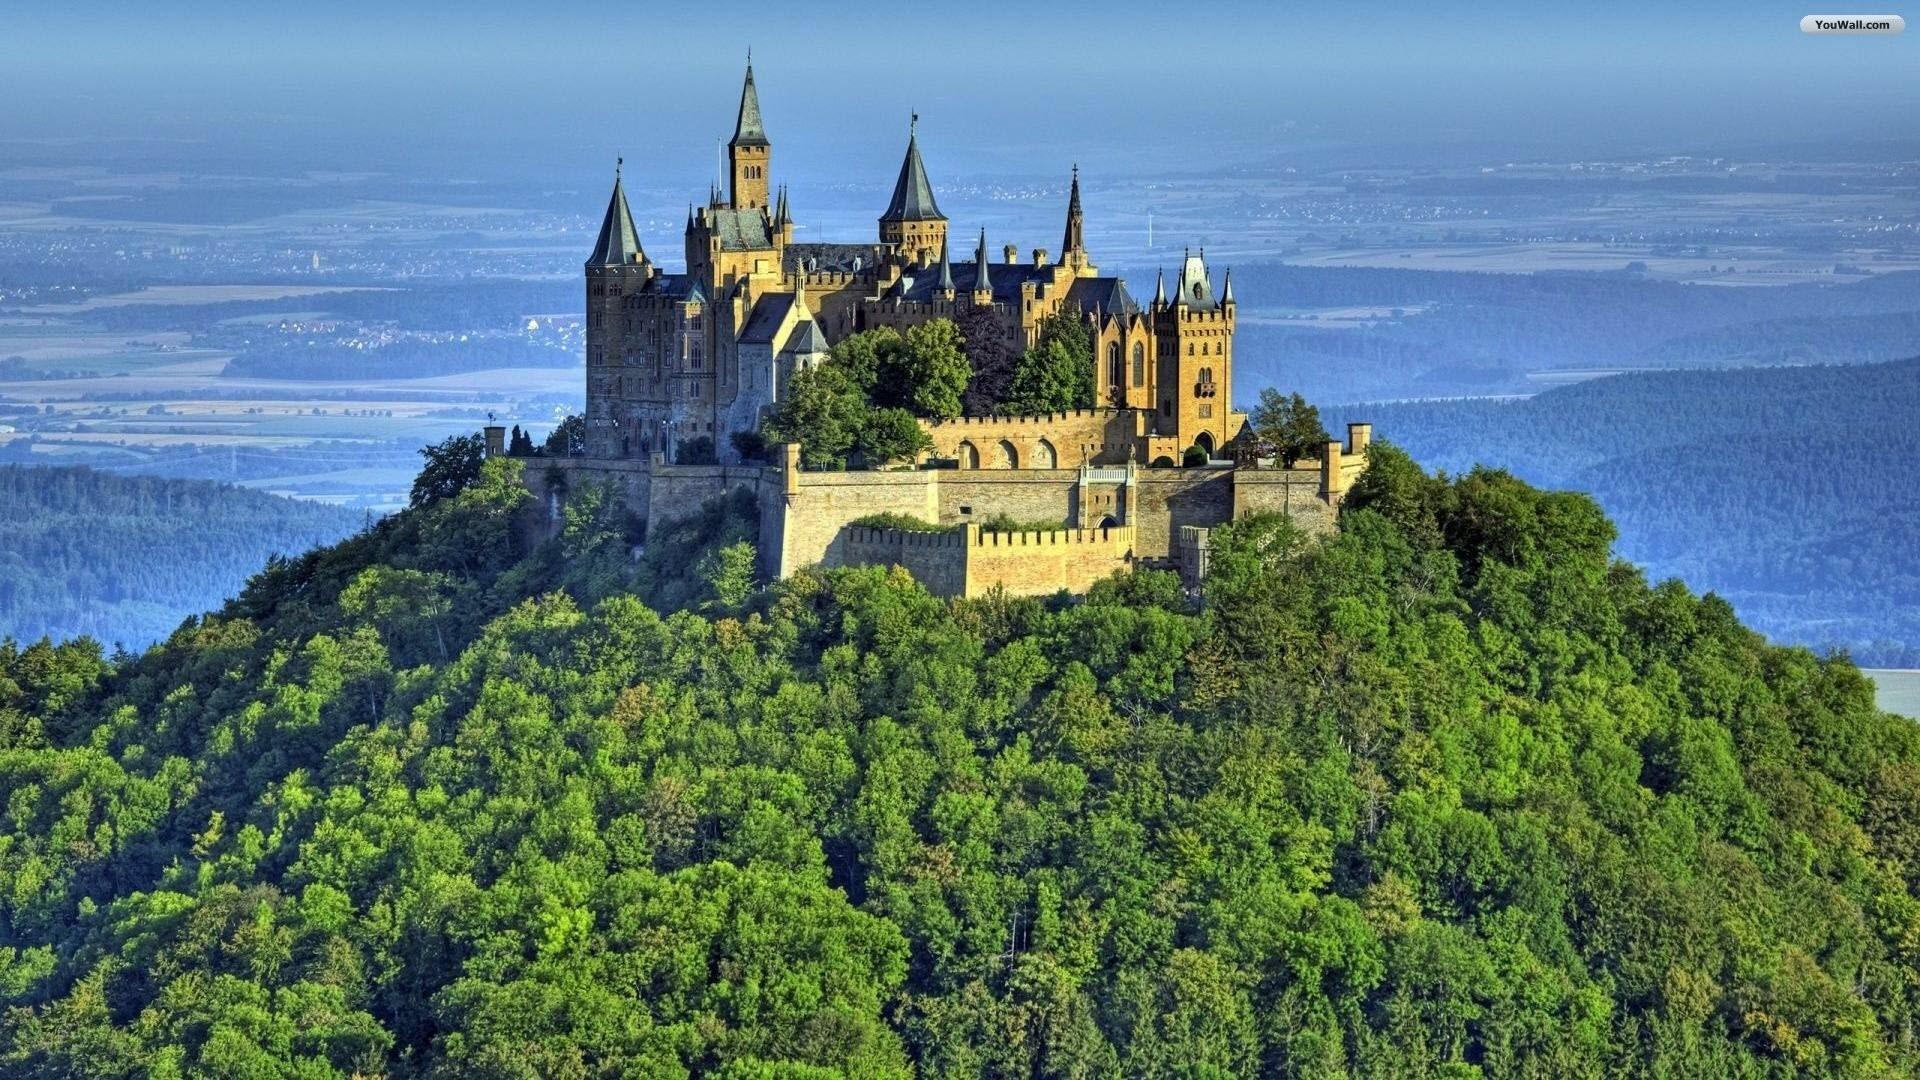 Castle wallpaper photo hd